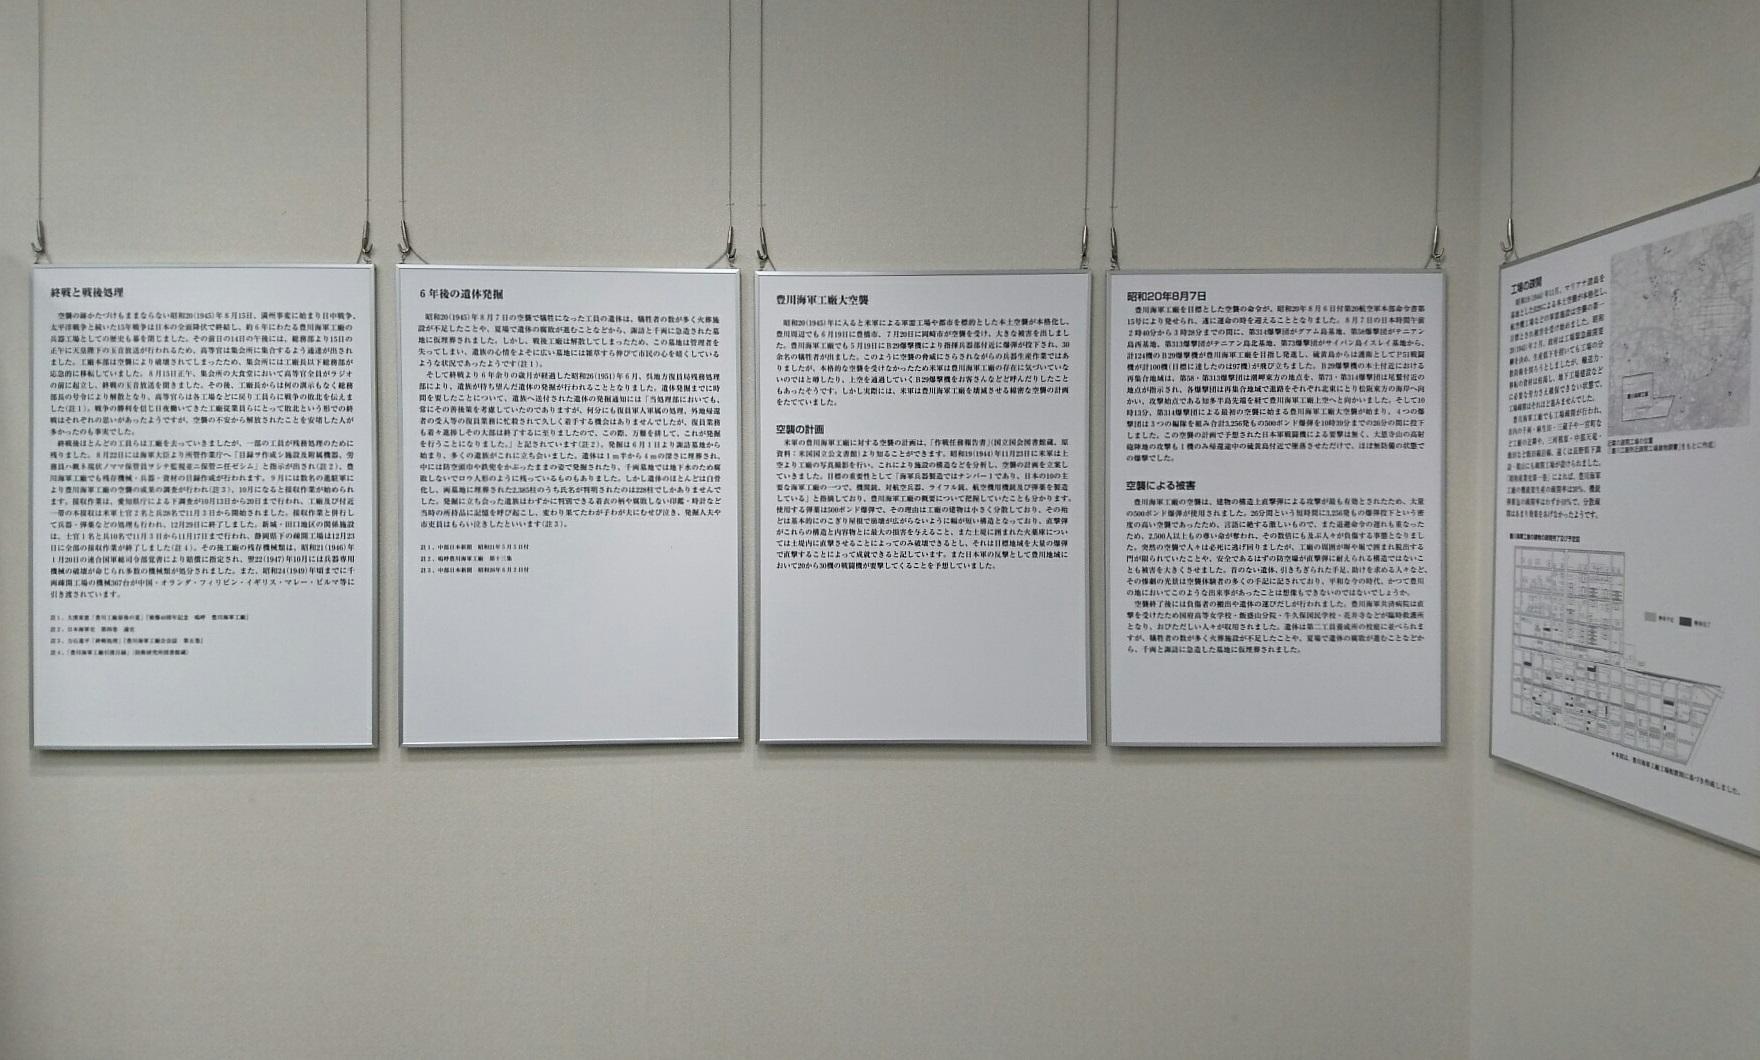 2017.8.30 豊川海軍工廠展 (18) パネル展示 (1) 1760-1060